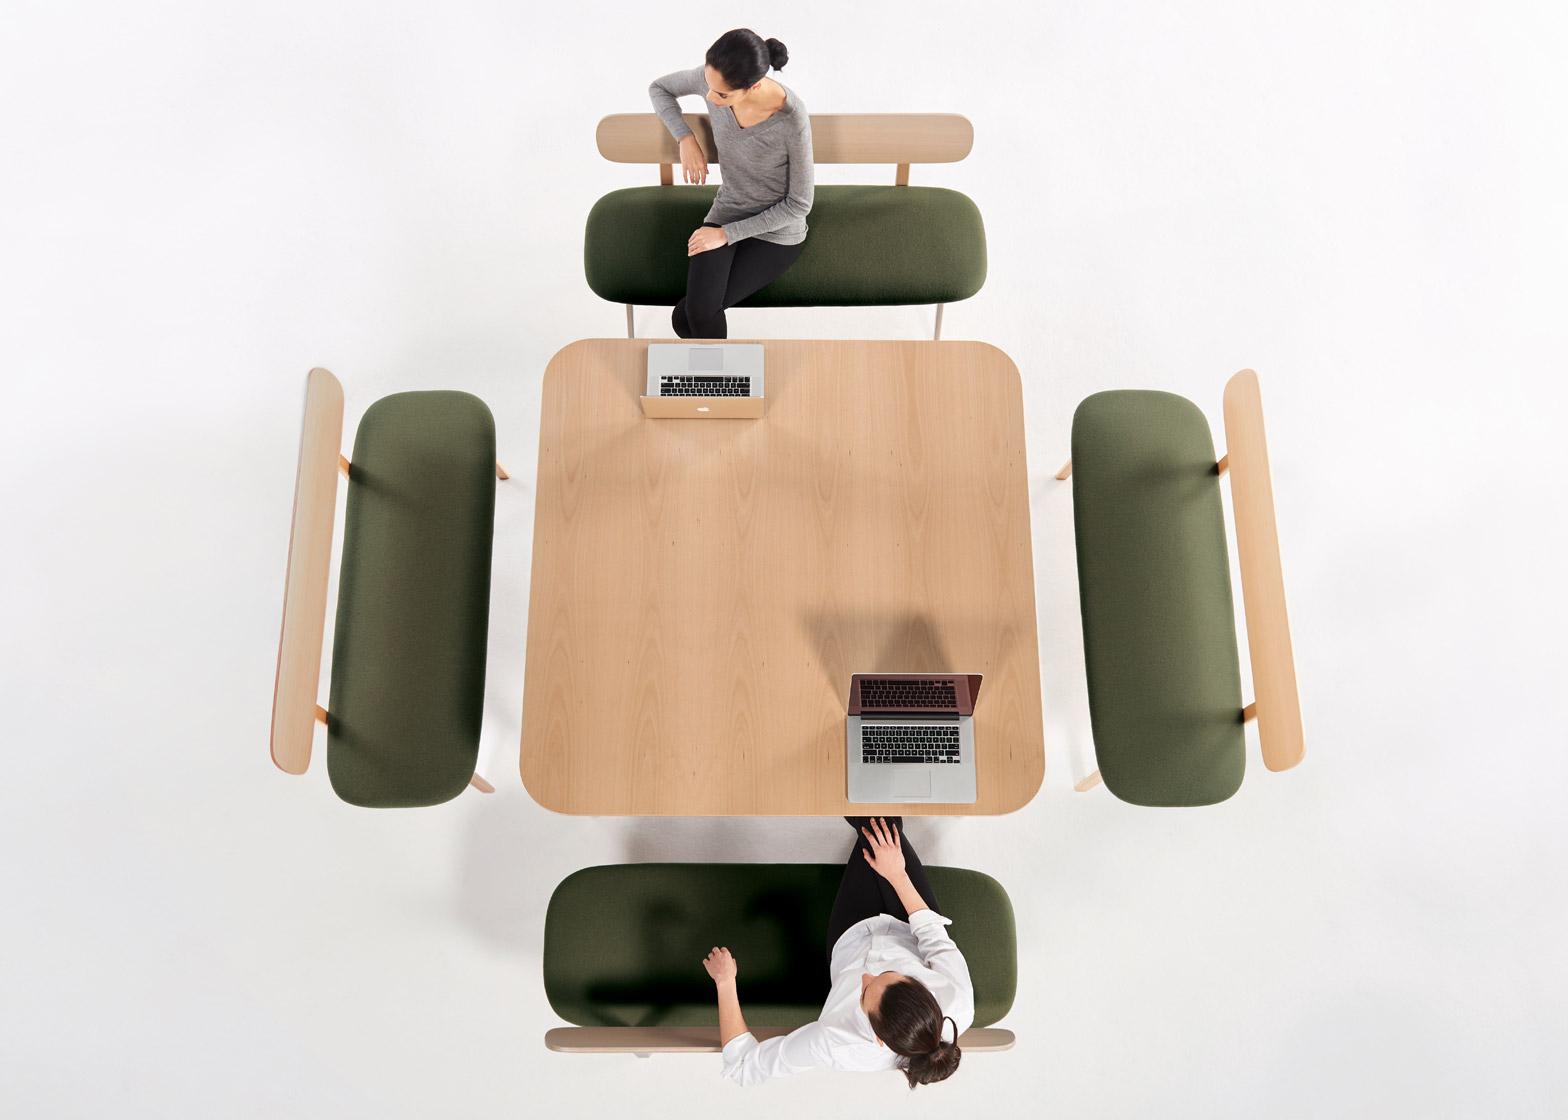 Коллекция офисной мебели: скамьи с зелёным сидением